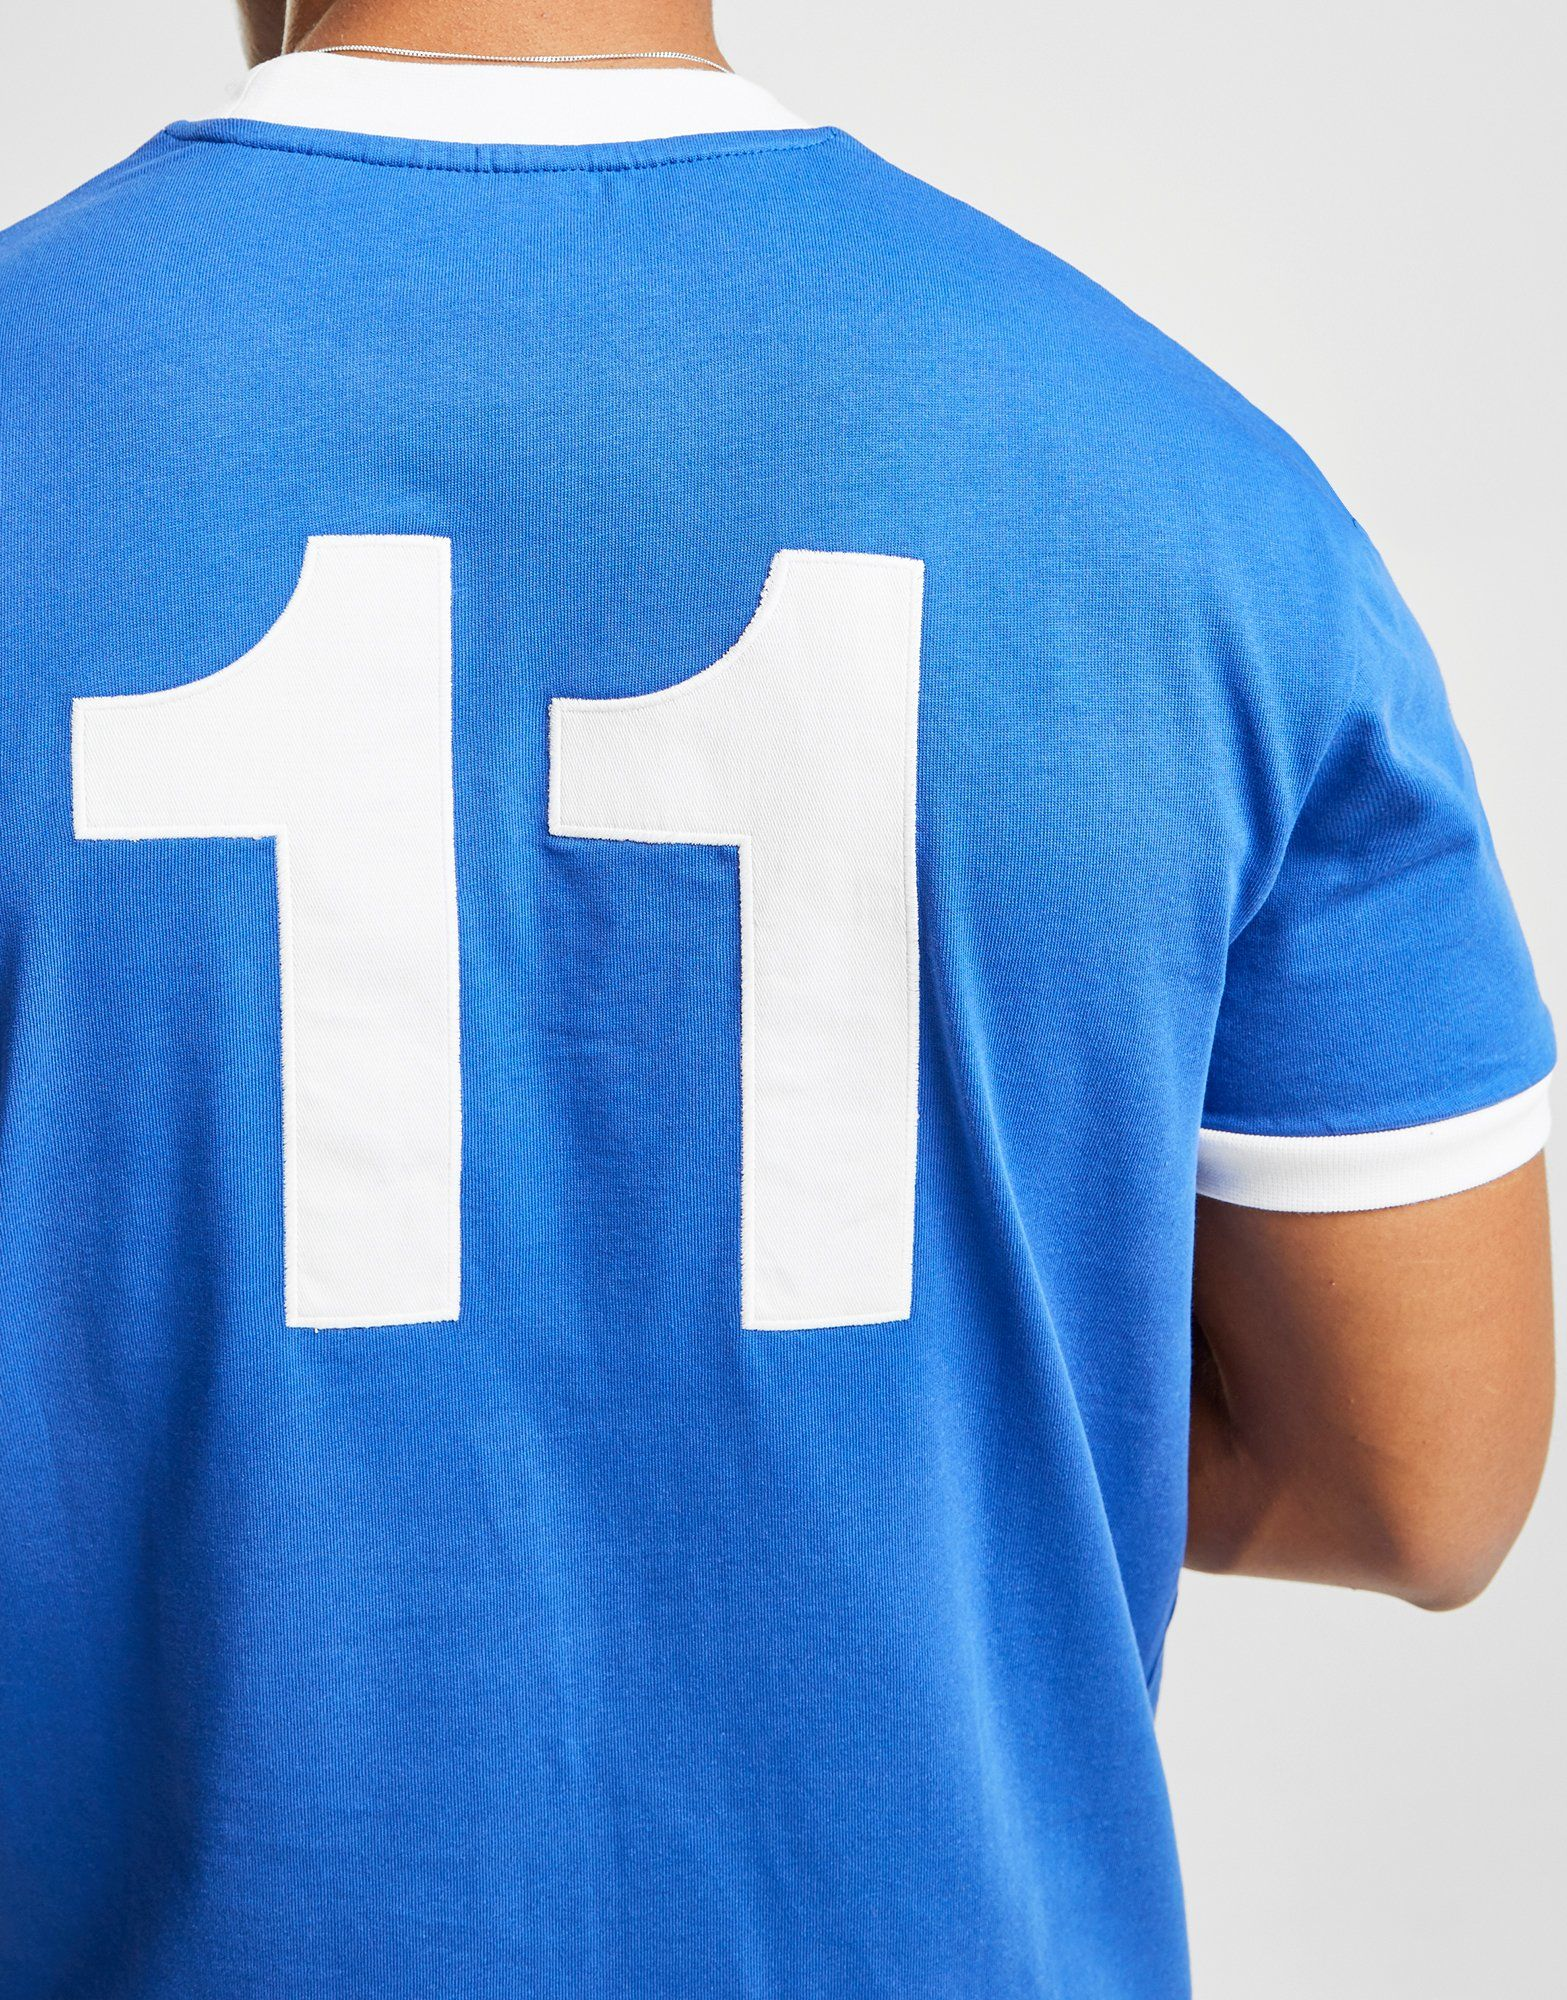 Official Team Northern Ireland Away 1967 Shirt